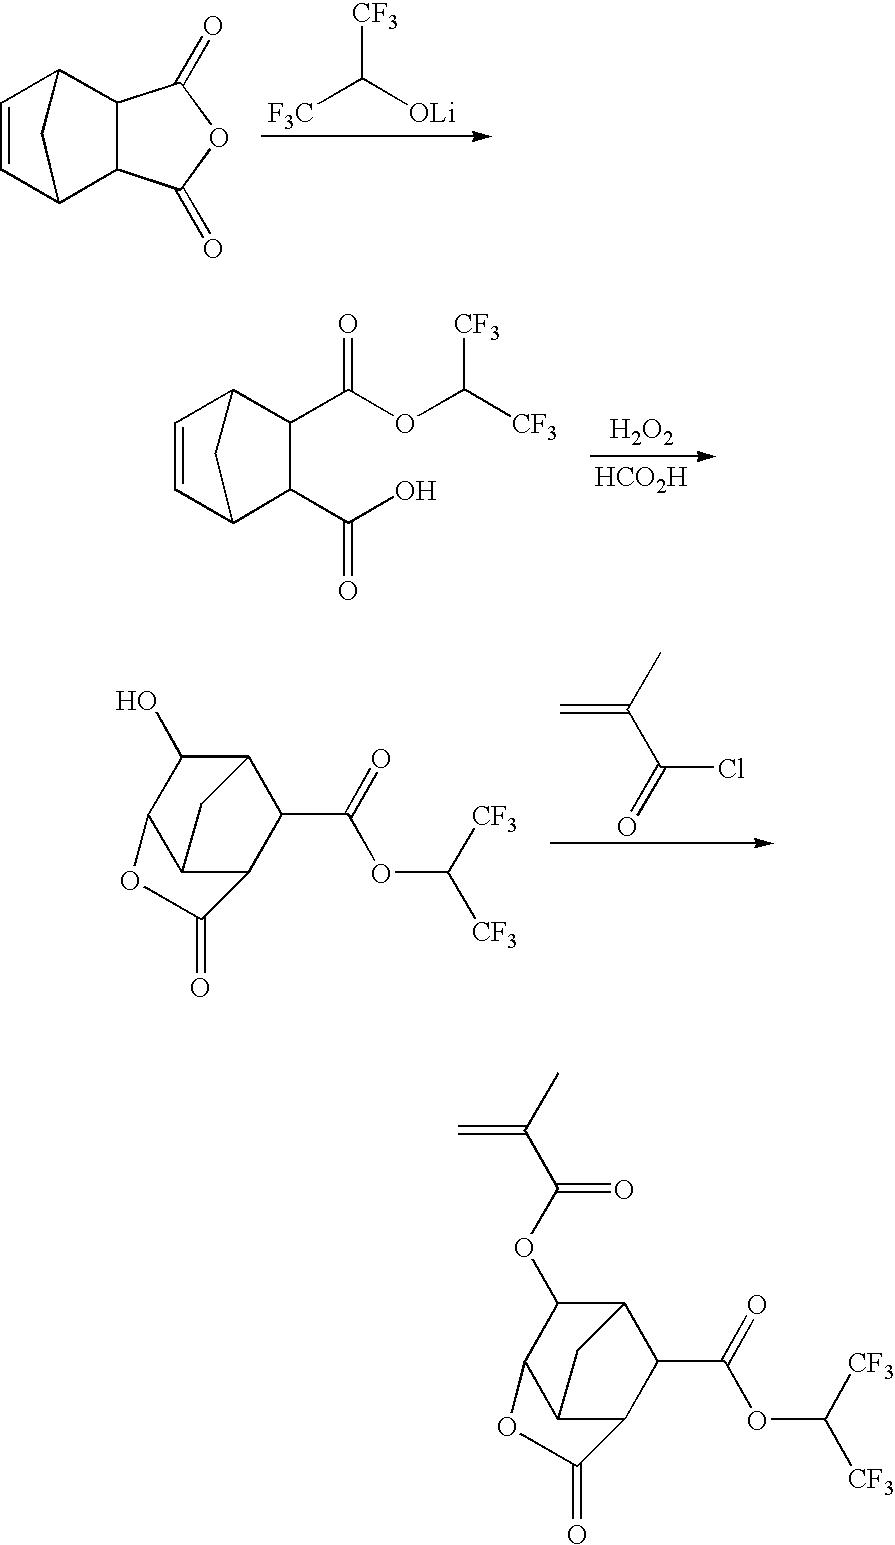 Figure US07537880-20090526-C00077